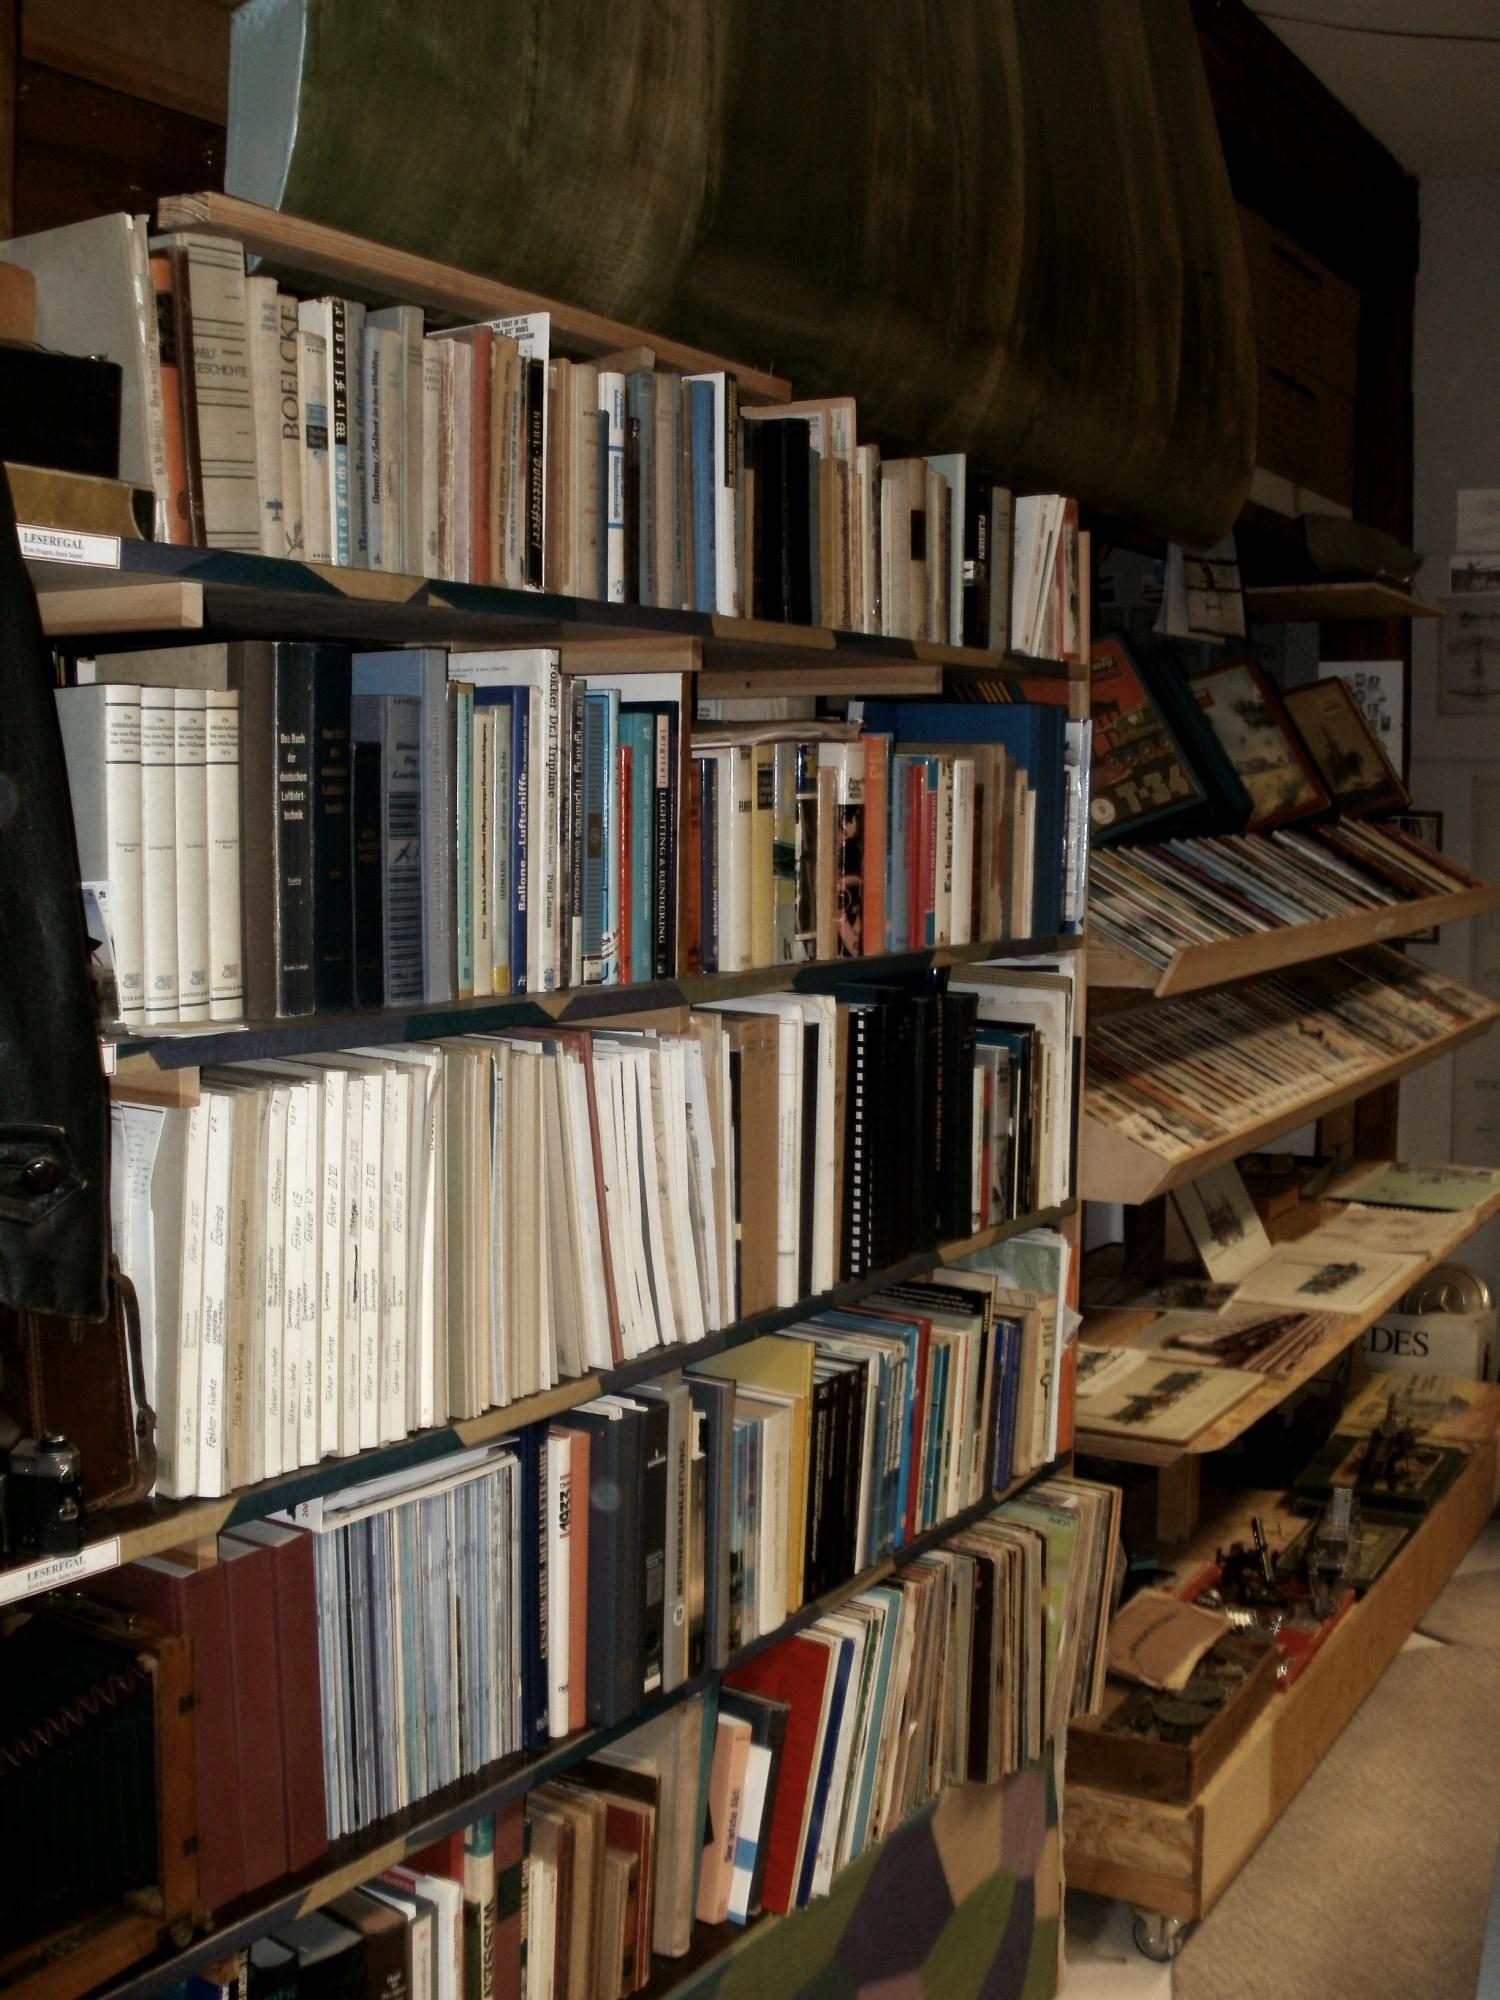 Lesen: Auch eine schöne Freizeitbeschäftigung